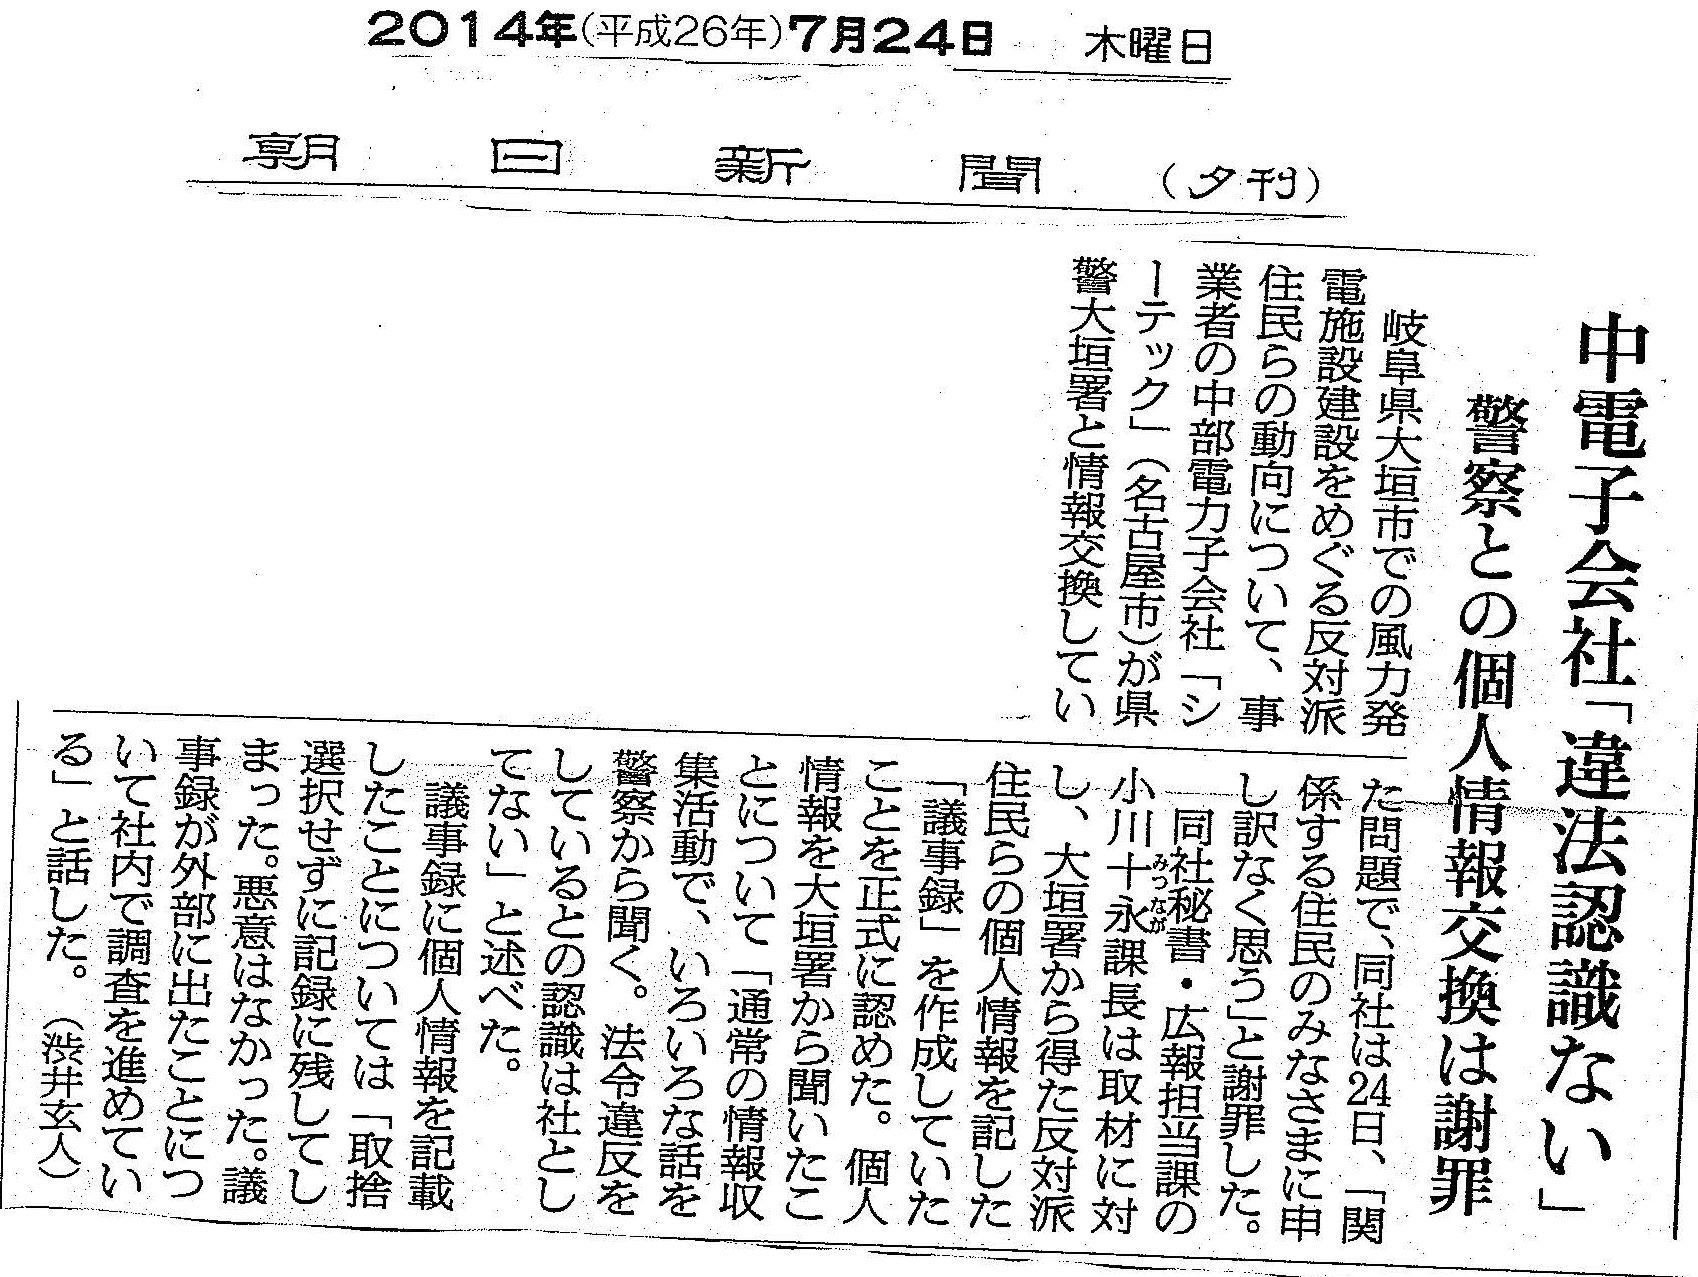 岐阜県警 風力発電反対運動関係者の個人情報を入手し電力子会社に漏えい_c0241022_18072880.jpg